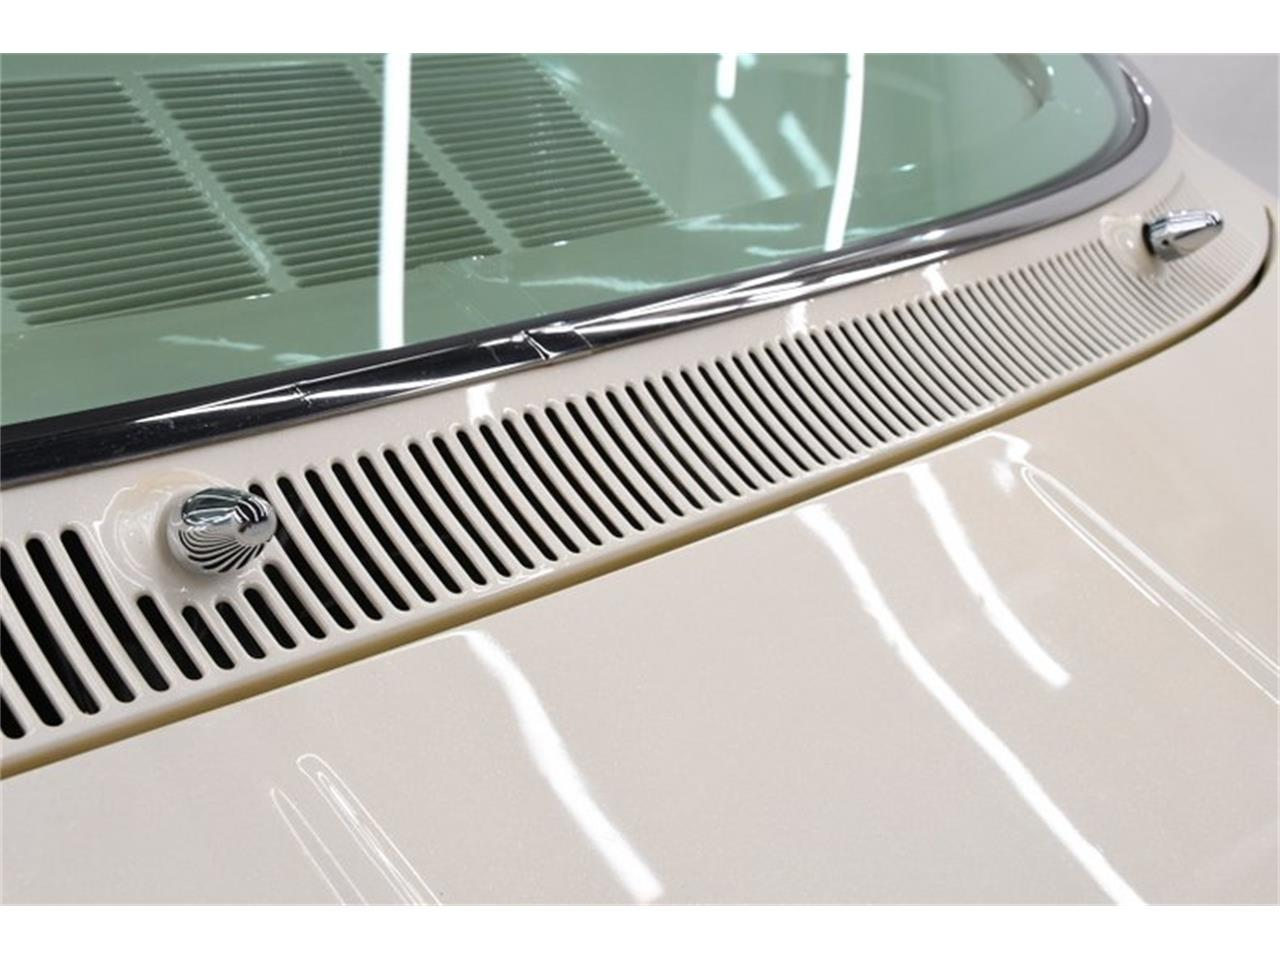 Large Picture of 1962 Impala - $51,998.00 - QIVA